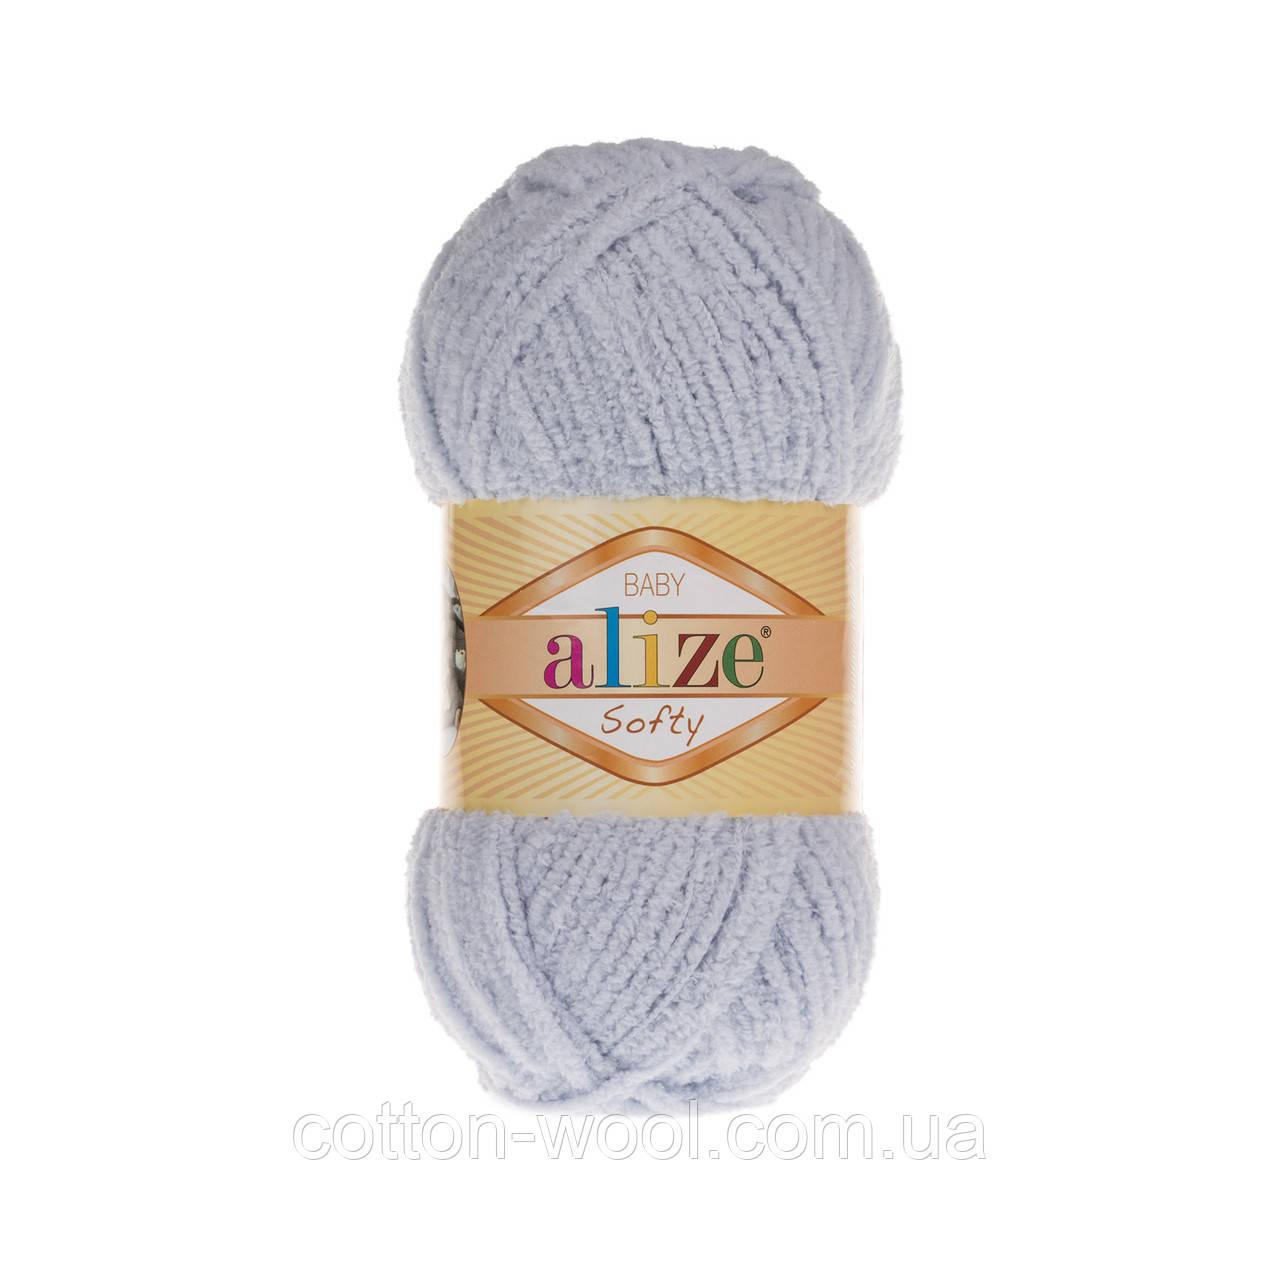 Alize Softy (Ализе Софти) 416 плюшевая пряжа